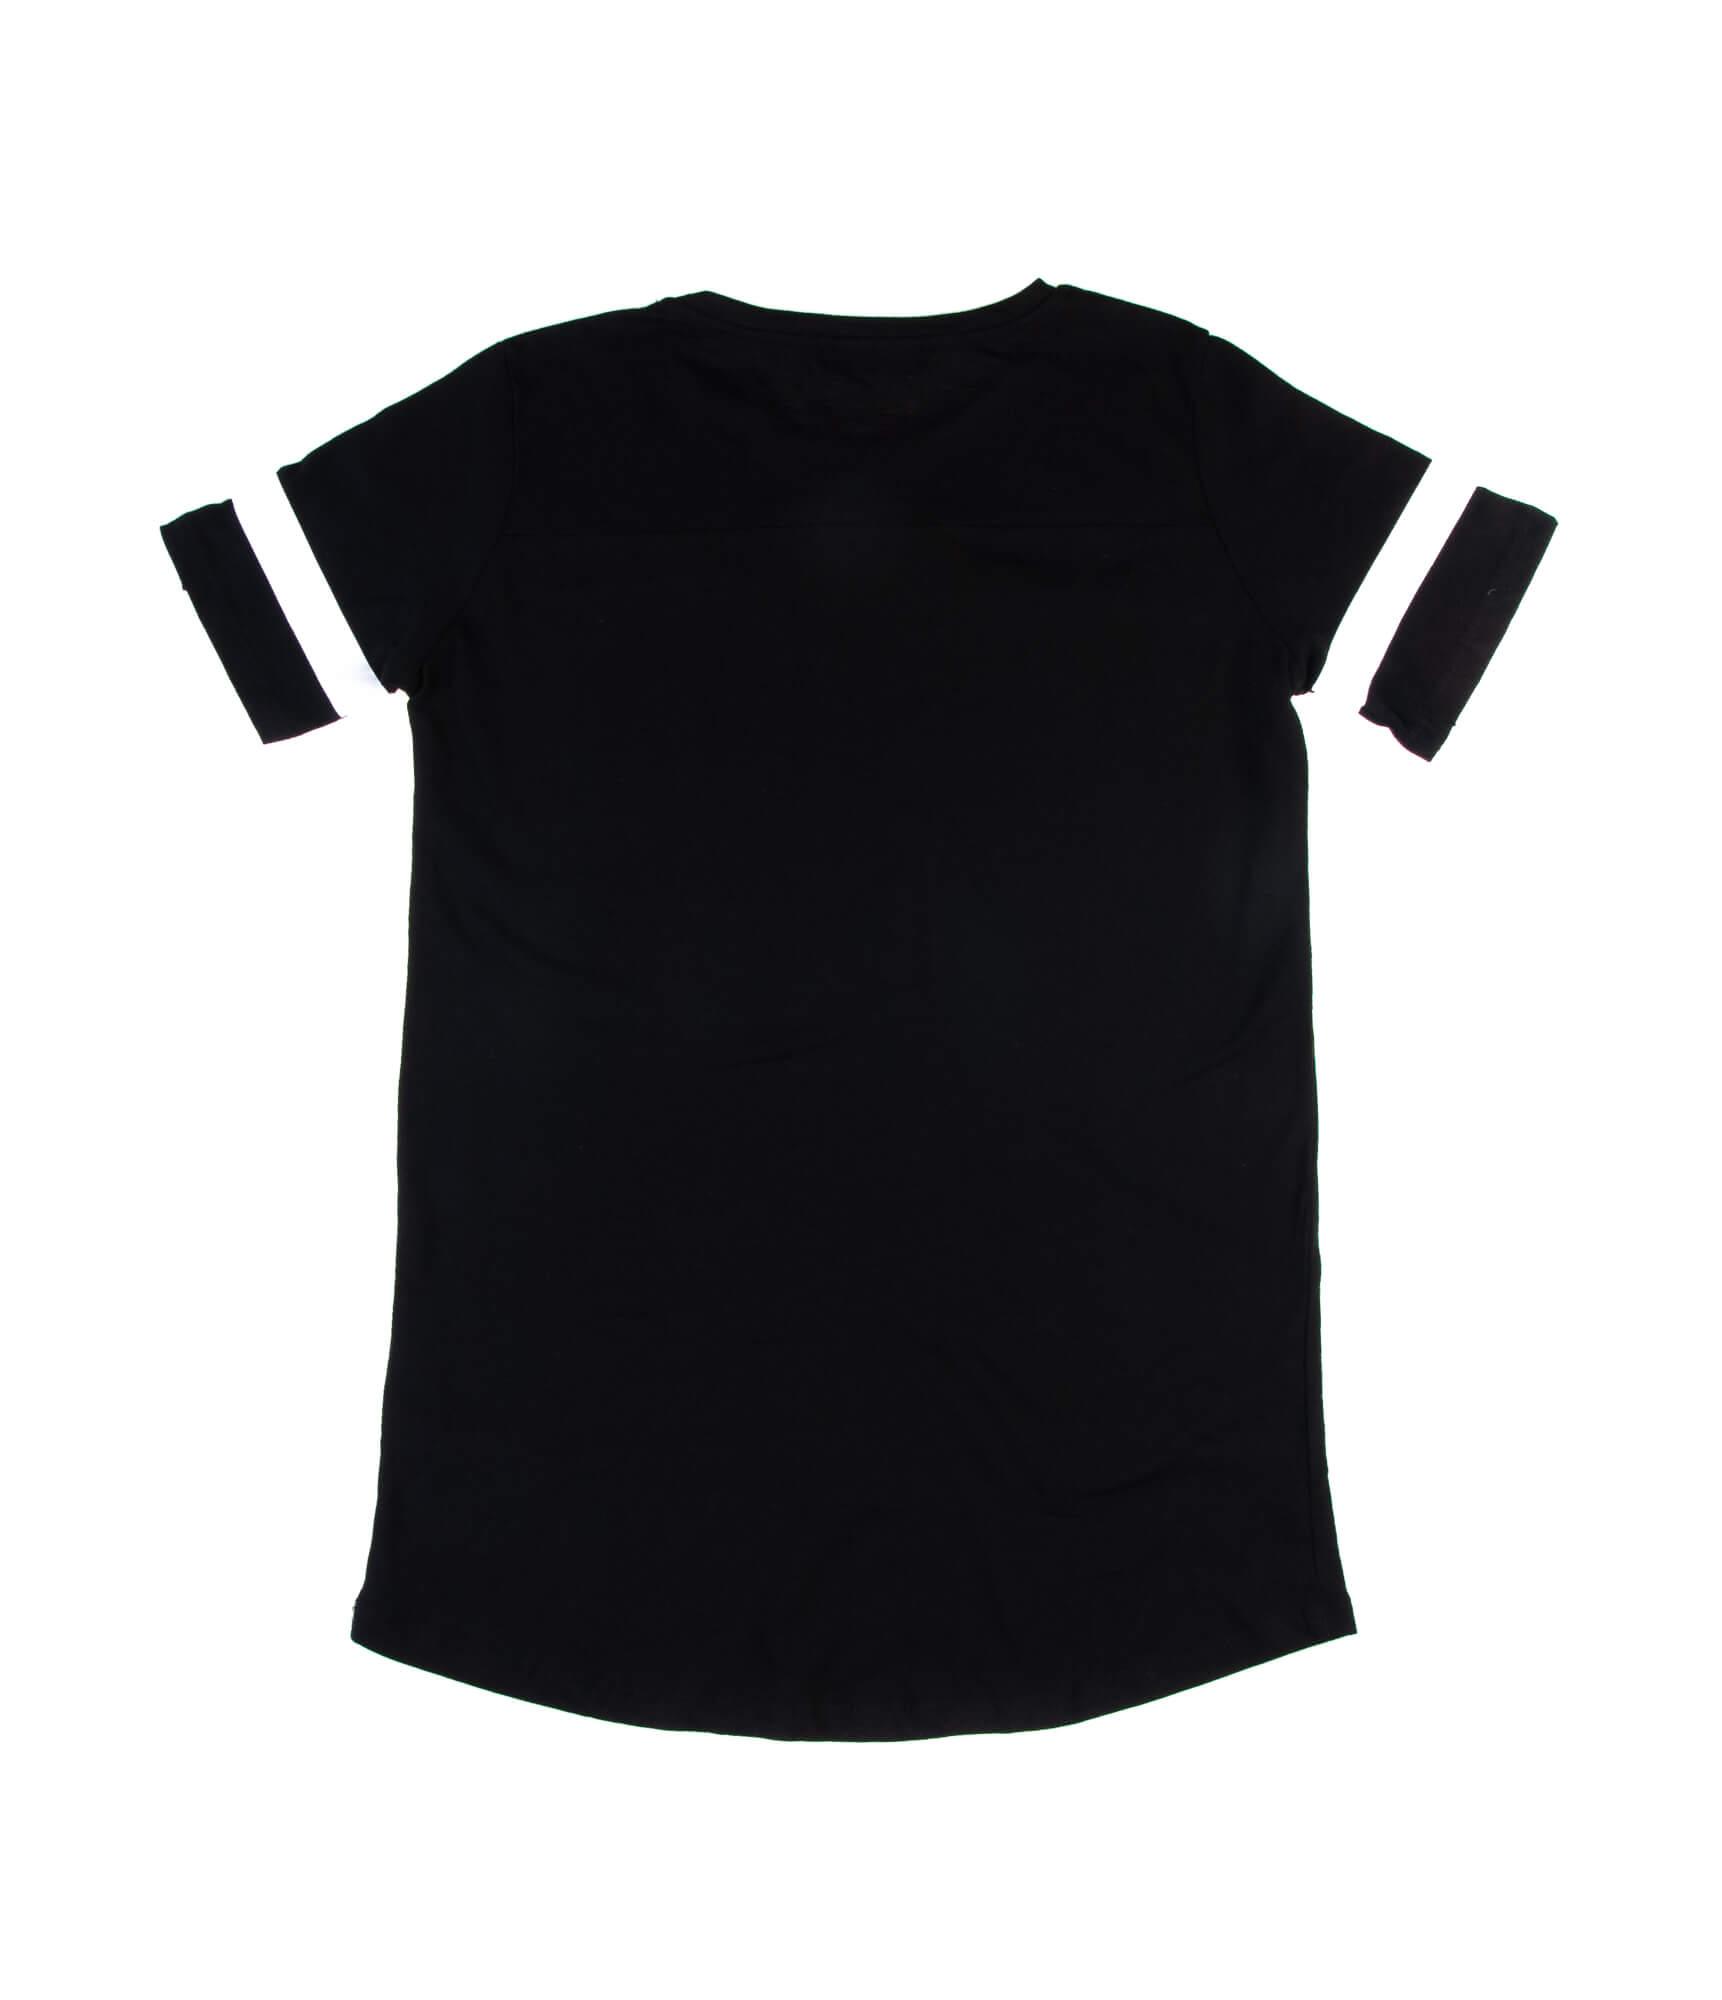 تی شرت مردانه طرح دار  S1018 FBSISTER